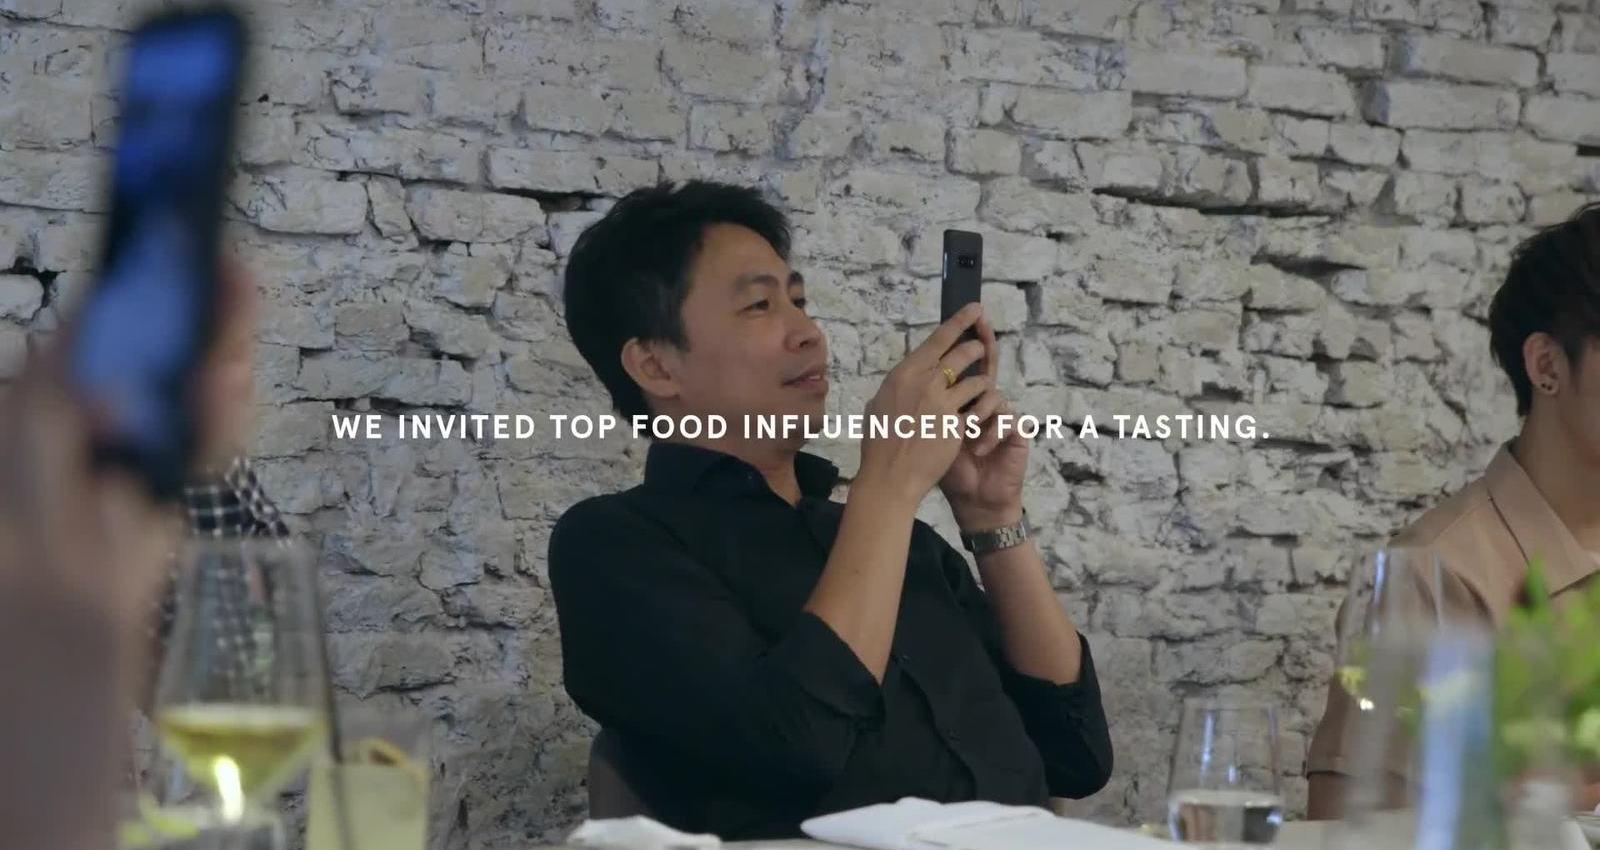 Food Influencers Tasting Dog Food